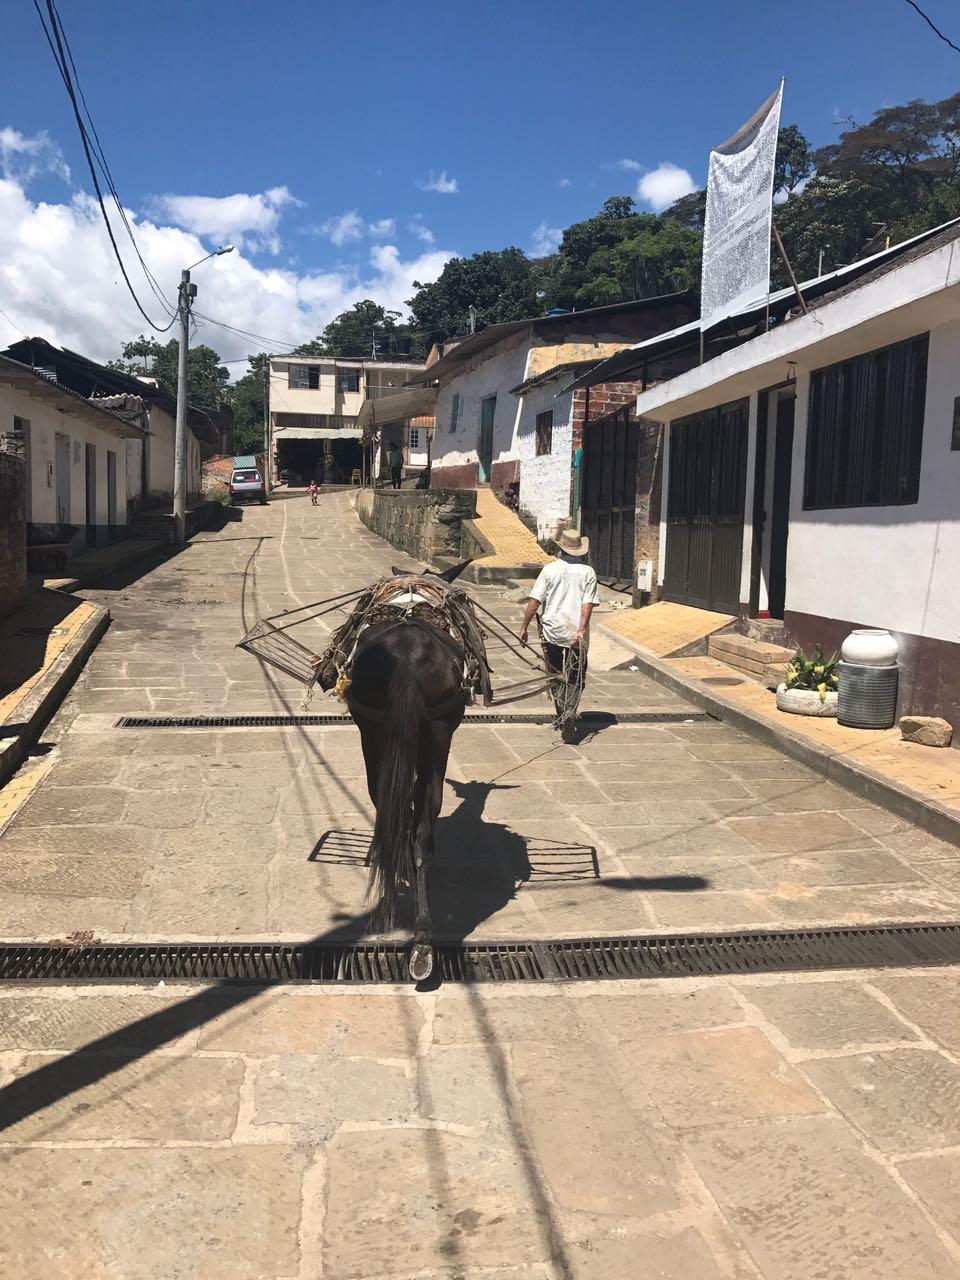 San José de Pare, tierra donde florecen la paz y la amistad - http://www.radionacional.co/